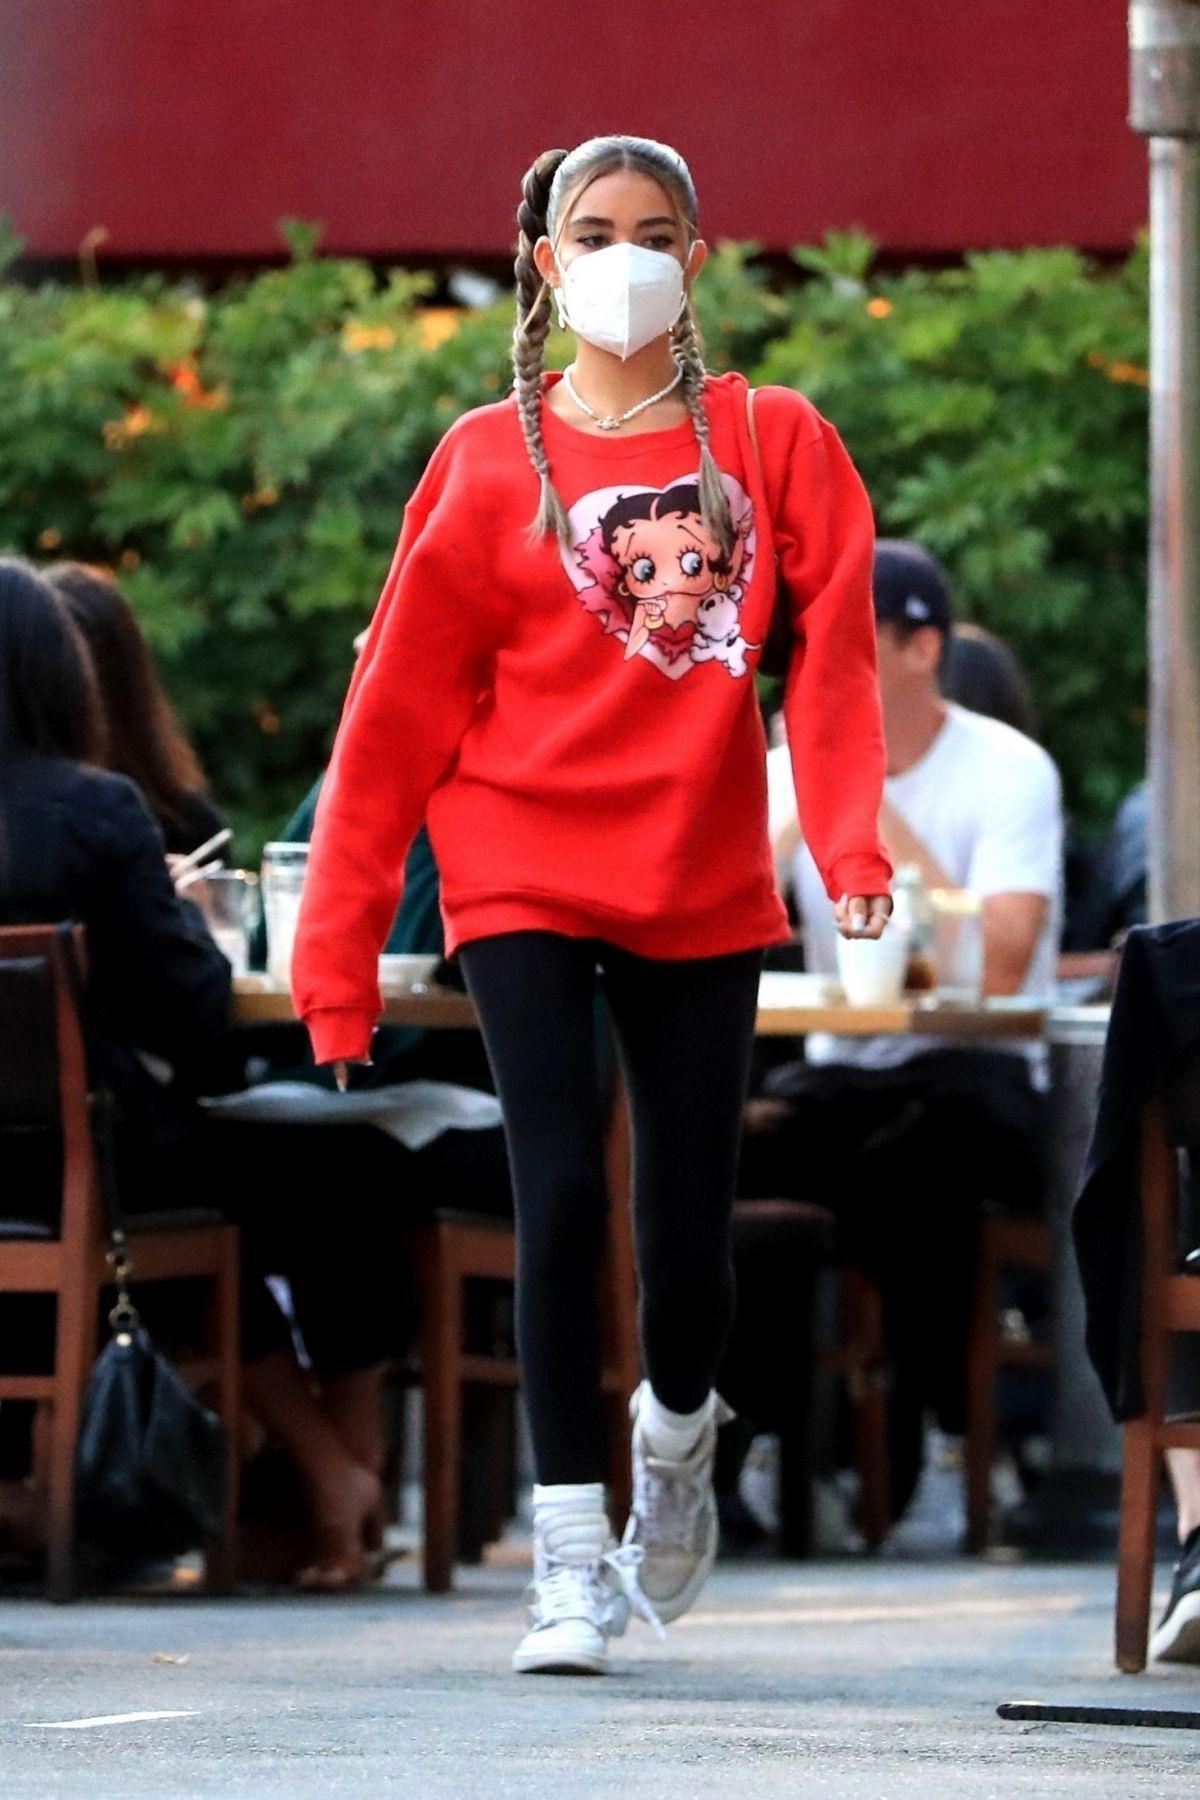 Madison Beer In Oversized Nike Sweatshirt Out In New York 2019 05 10 Madisonbeer Celebskart Madison Beer Outfits Beer Outfit Madison Beer Style [ 1397 x 1200 Pixel ]